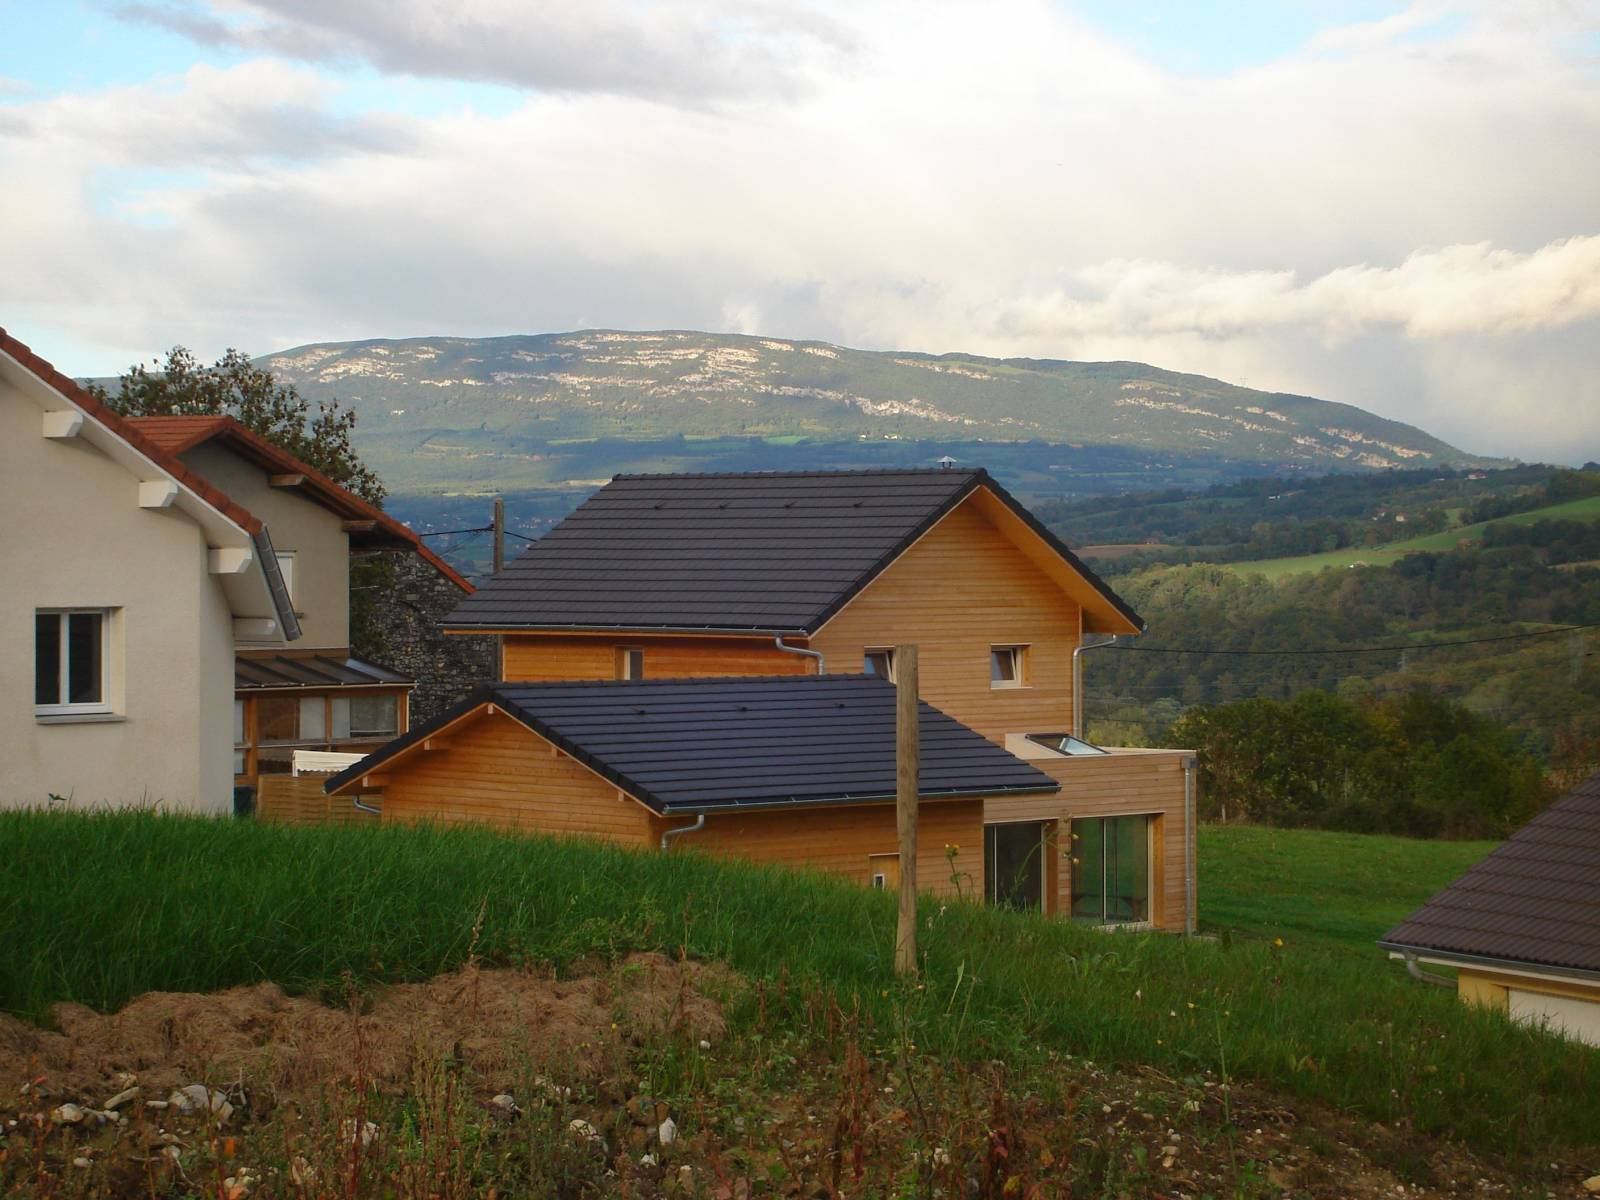 Maison En Bois Annecy maison bois à seyssel - charpentier constructeur de maison